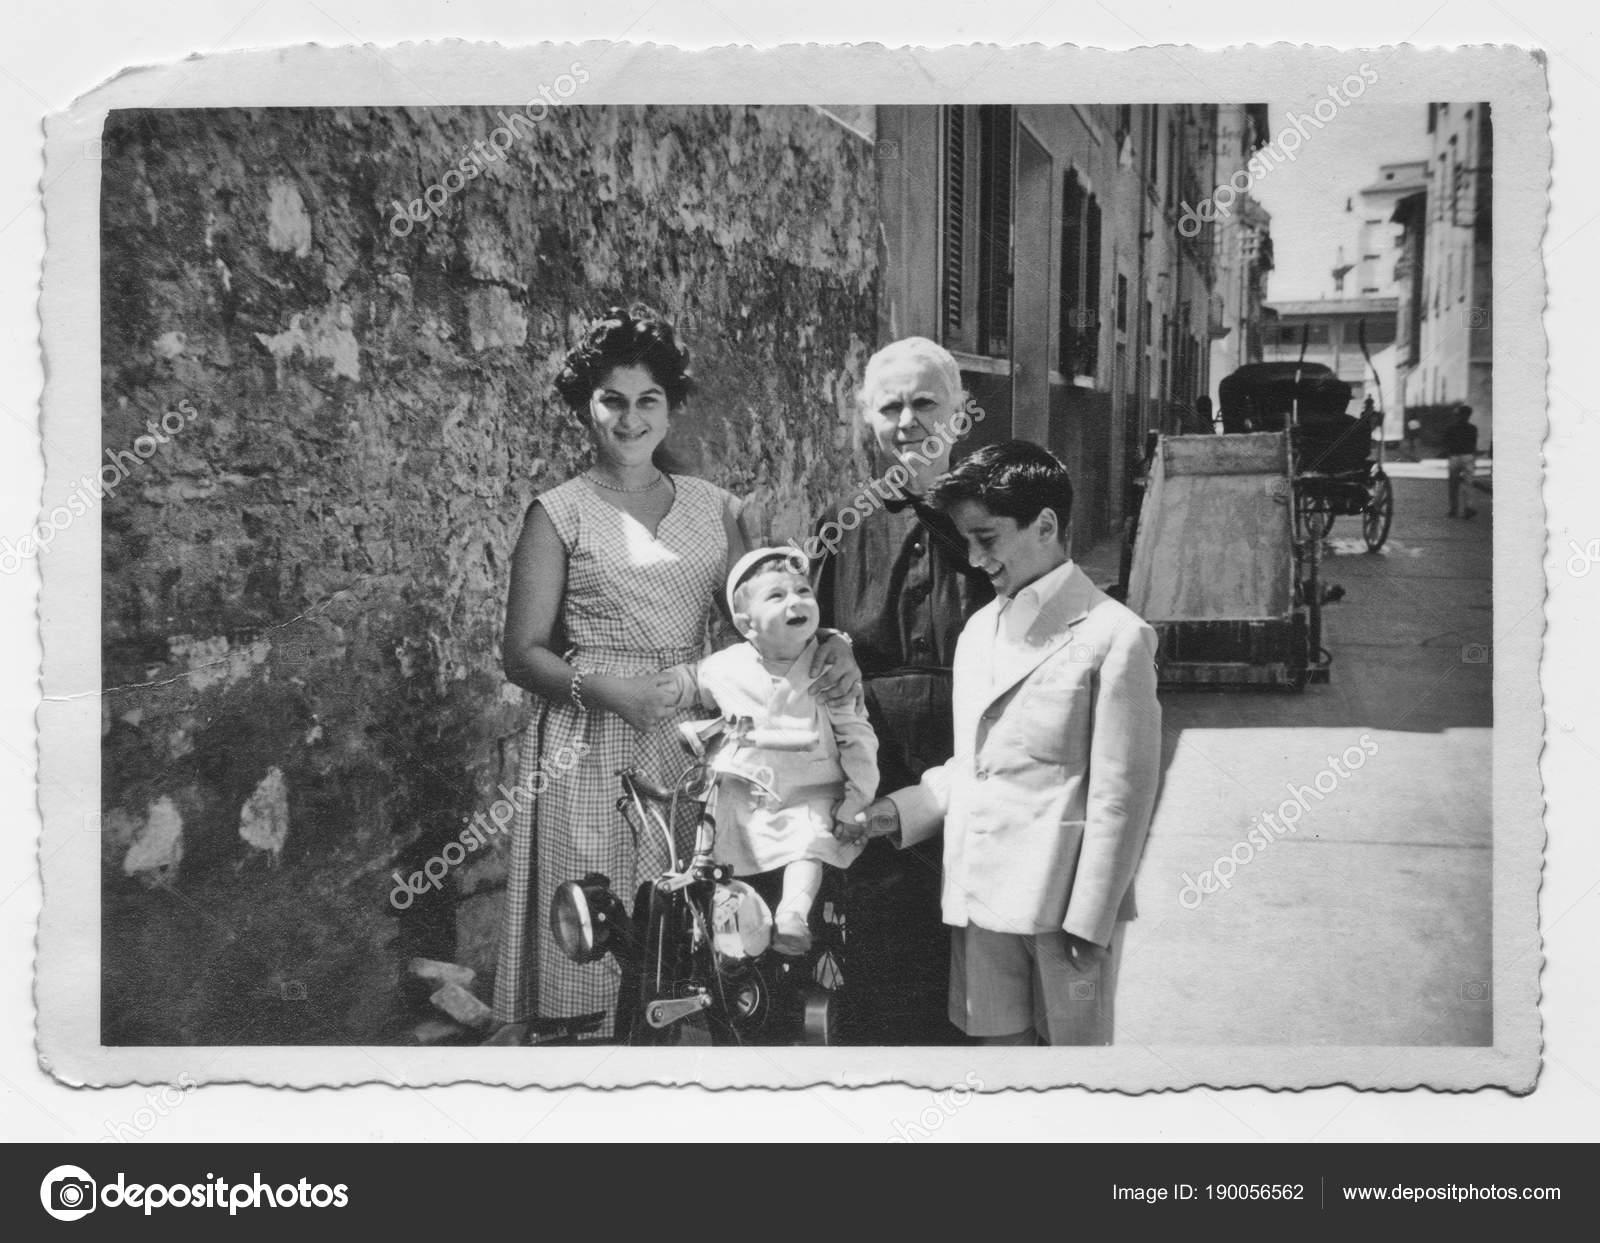 Старая Бабушка Внуком 1952 Году Тоскана Италия — стоковое фото